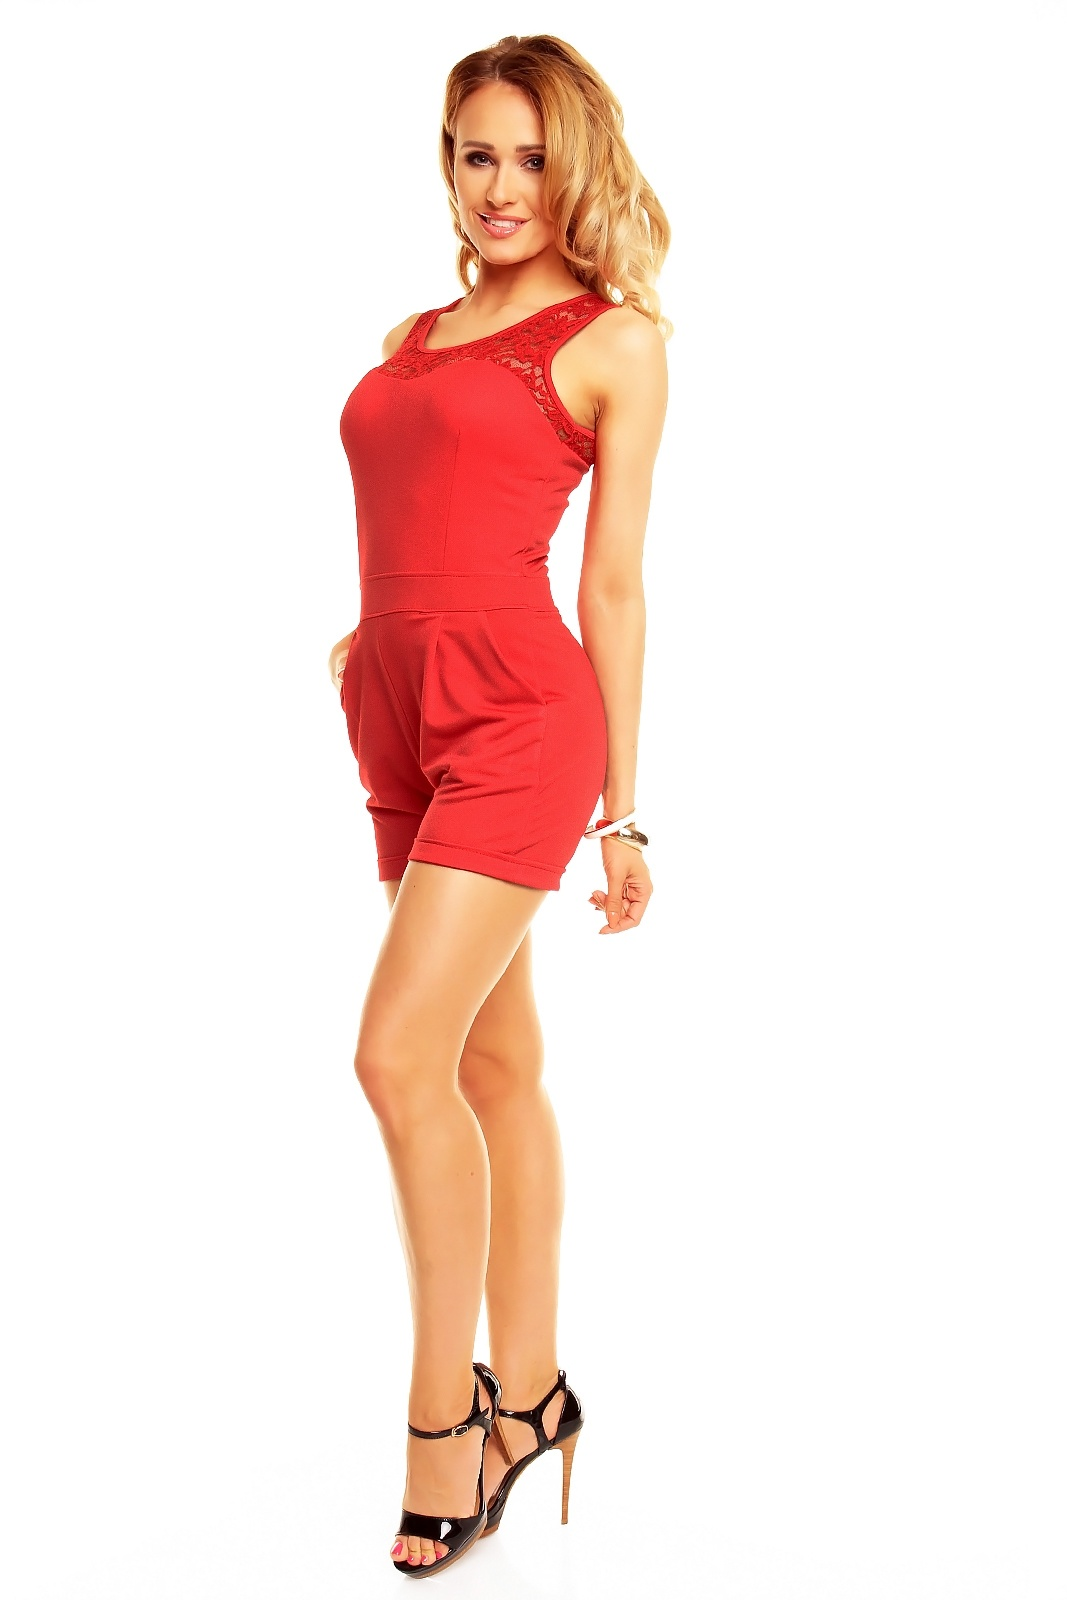 Overal dámský šortkový LV GOLD 2471 červený - Červená / UNI - House Style uni